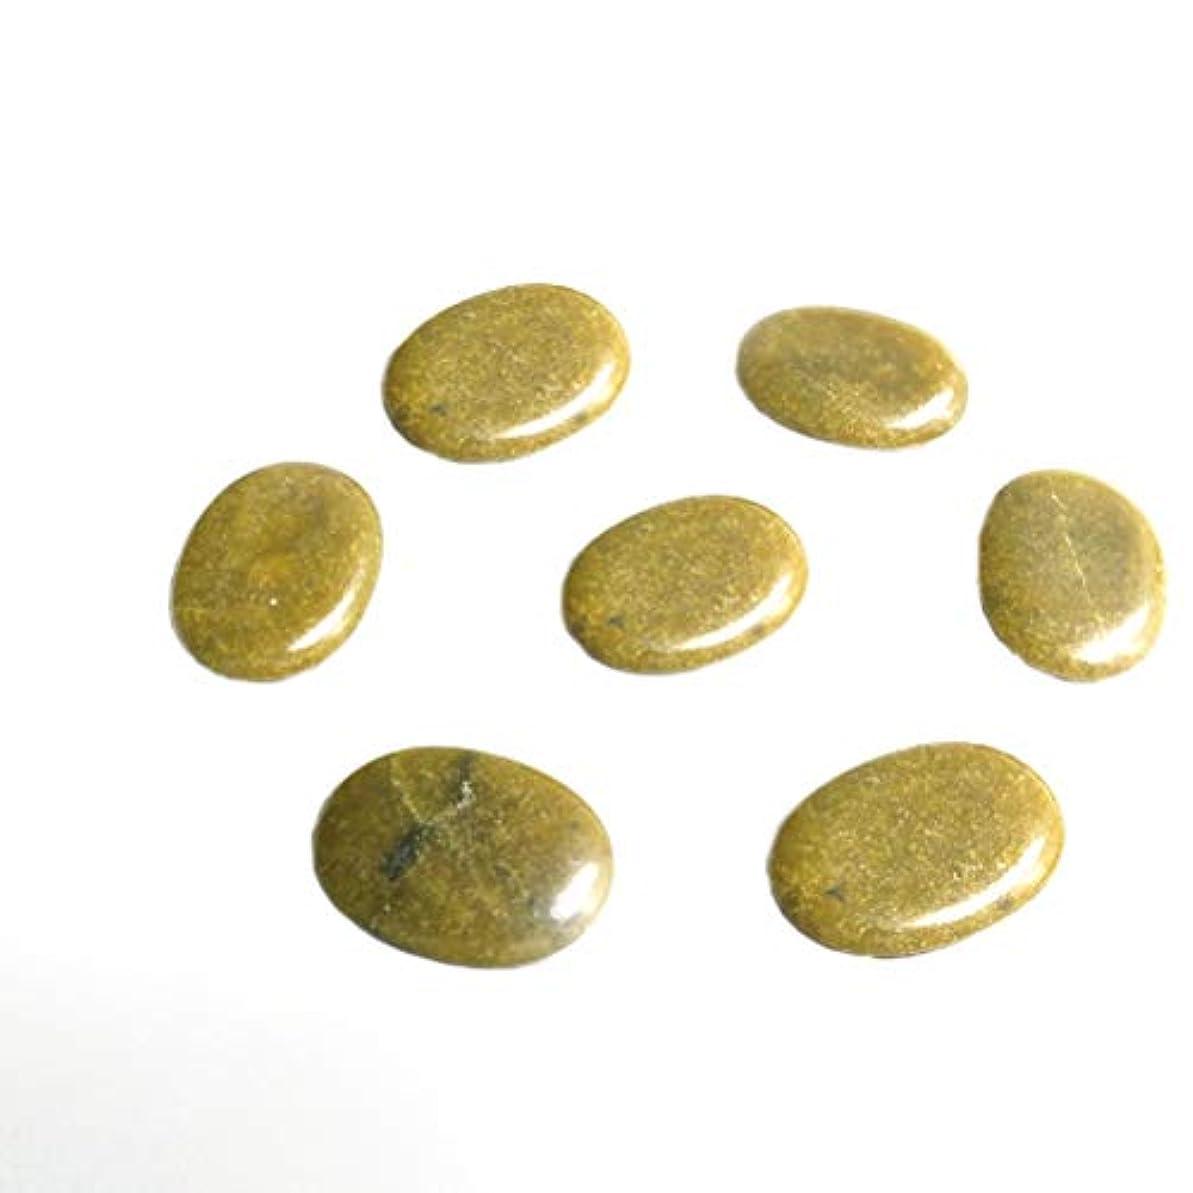 投資物思いにふけるプレーヤーSUPVOX スパマッサージ療法のための8個のマッサージホットストーングーシャロックマッサージツールウォーマー(グリーン)